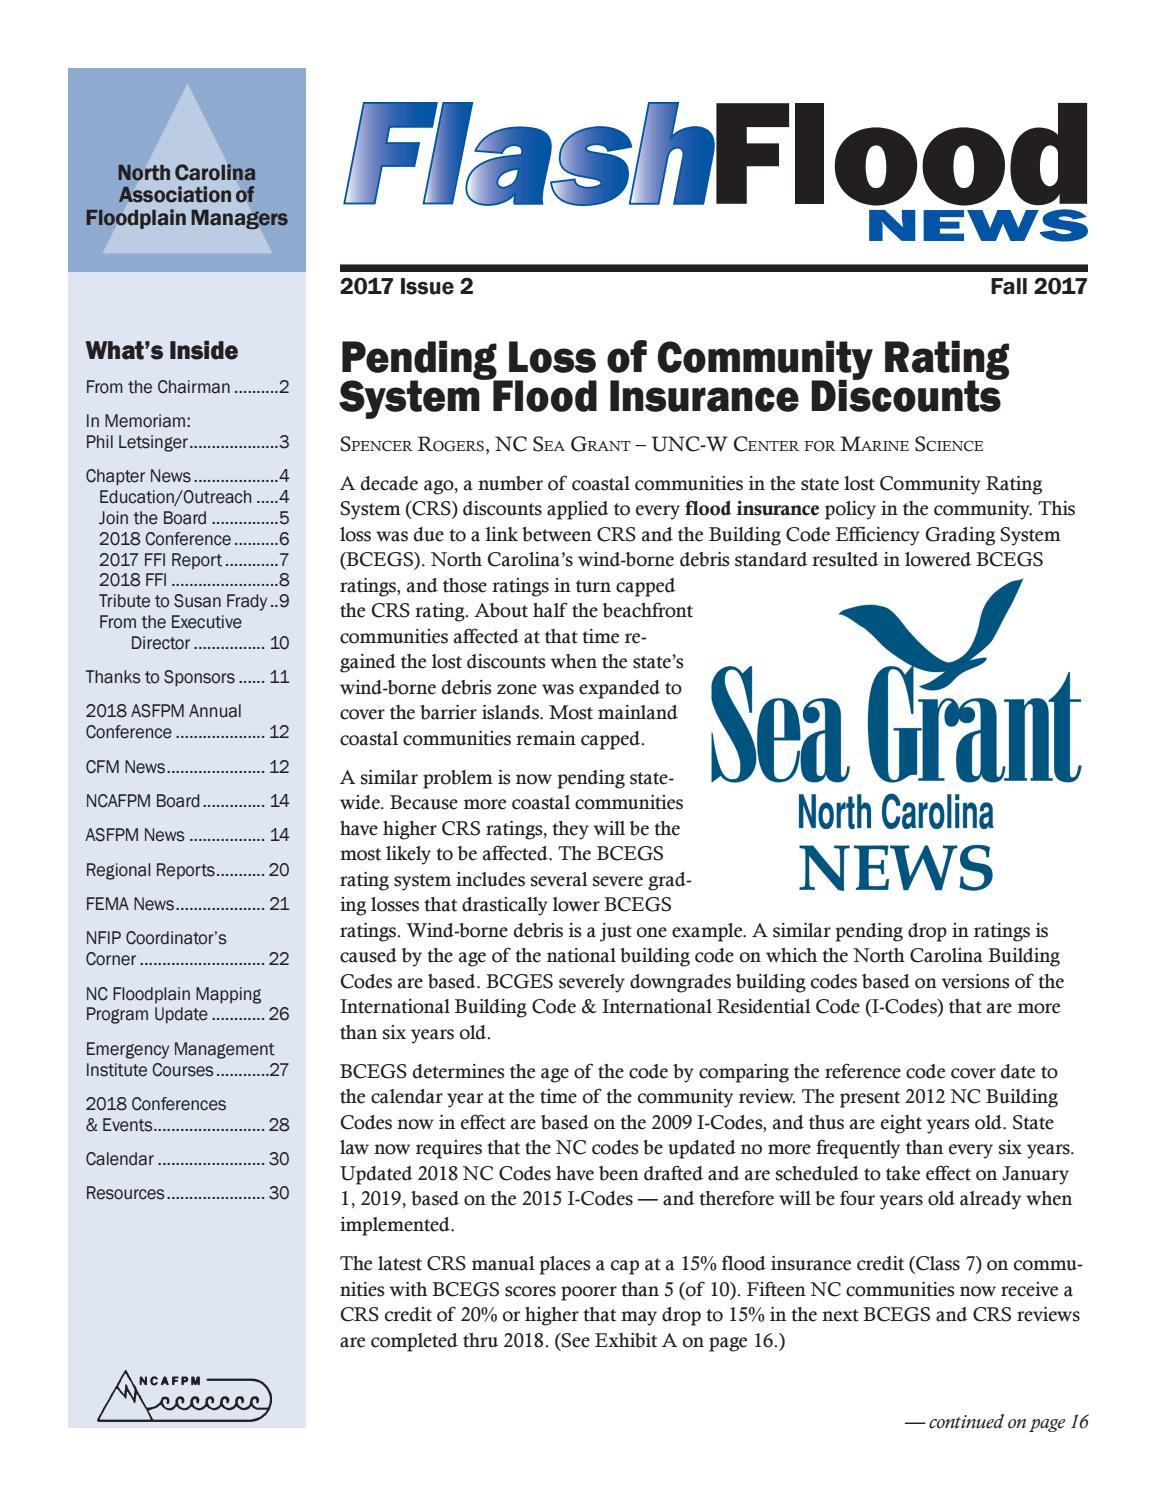 Flashflood News - Fall 2017 by North Carolina Association of